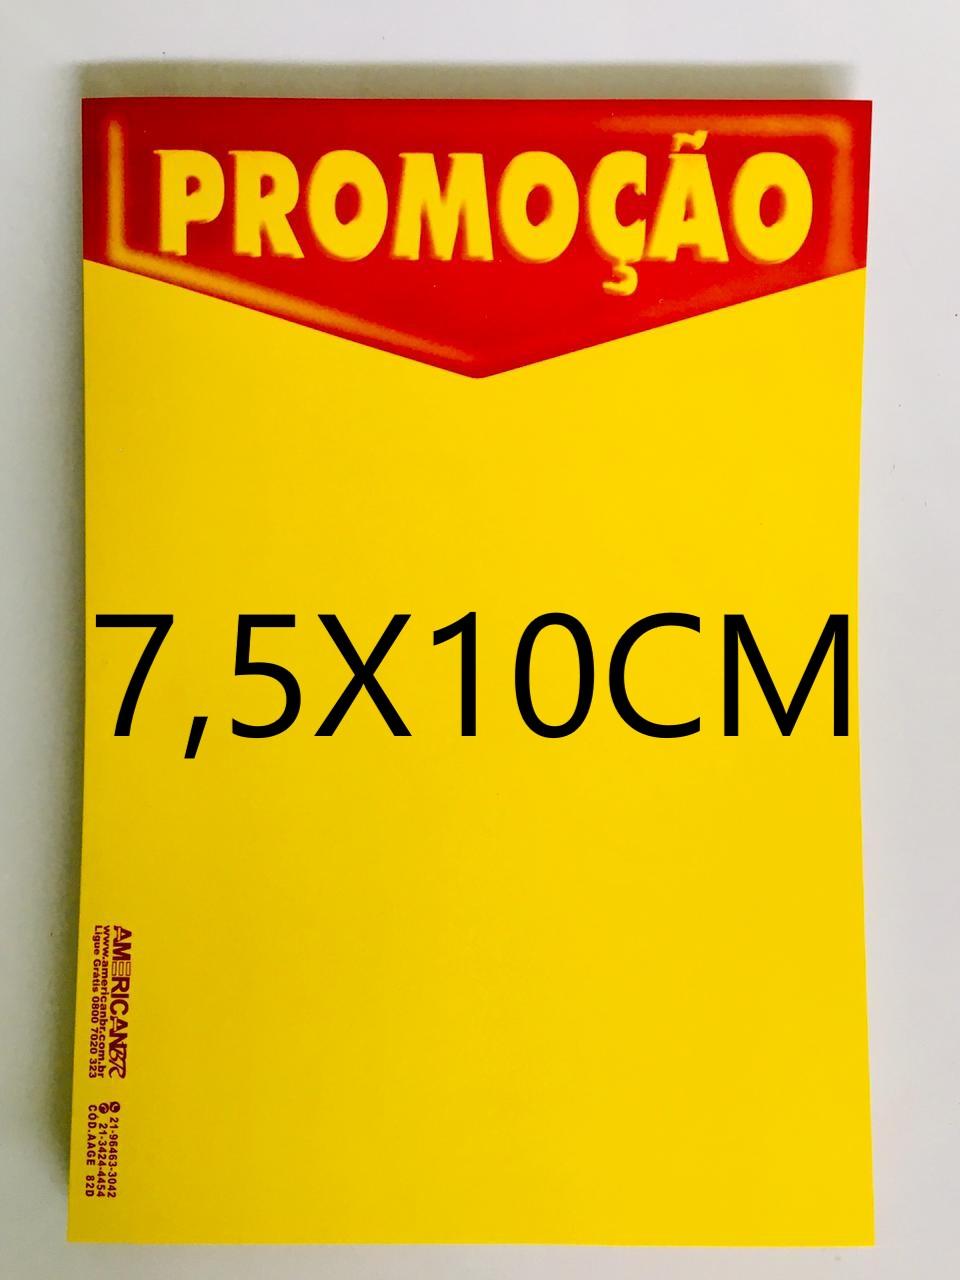 CARTAZ PROMOÇÃO 7,5X10CM (C/50 UNIDADES, 2D, 250G)